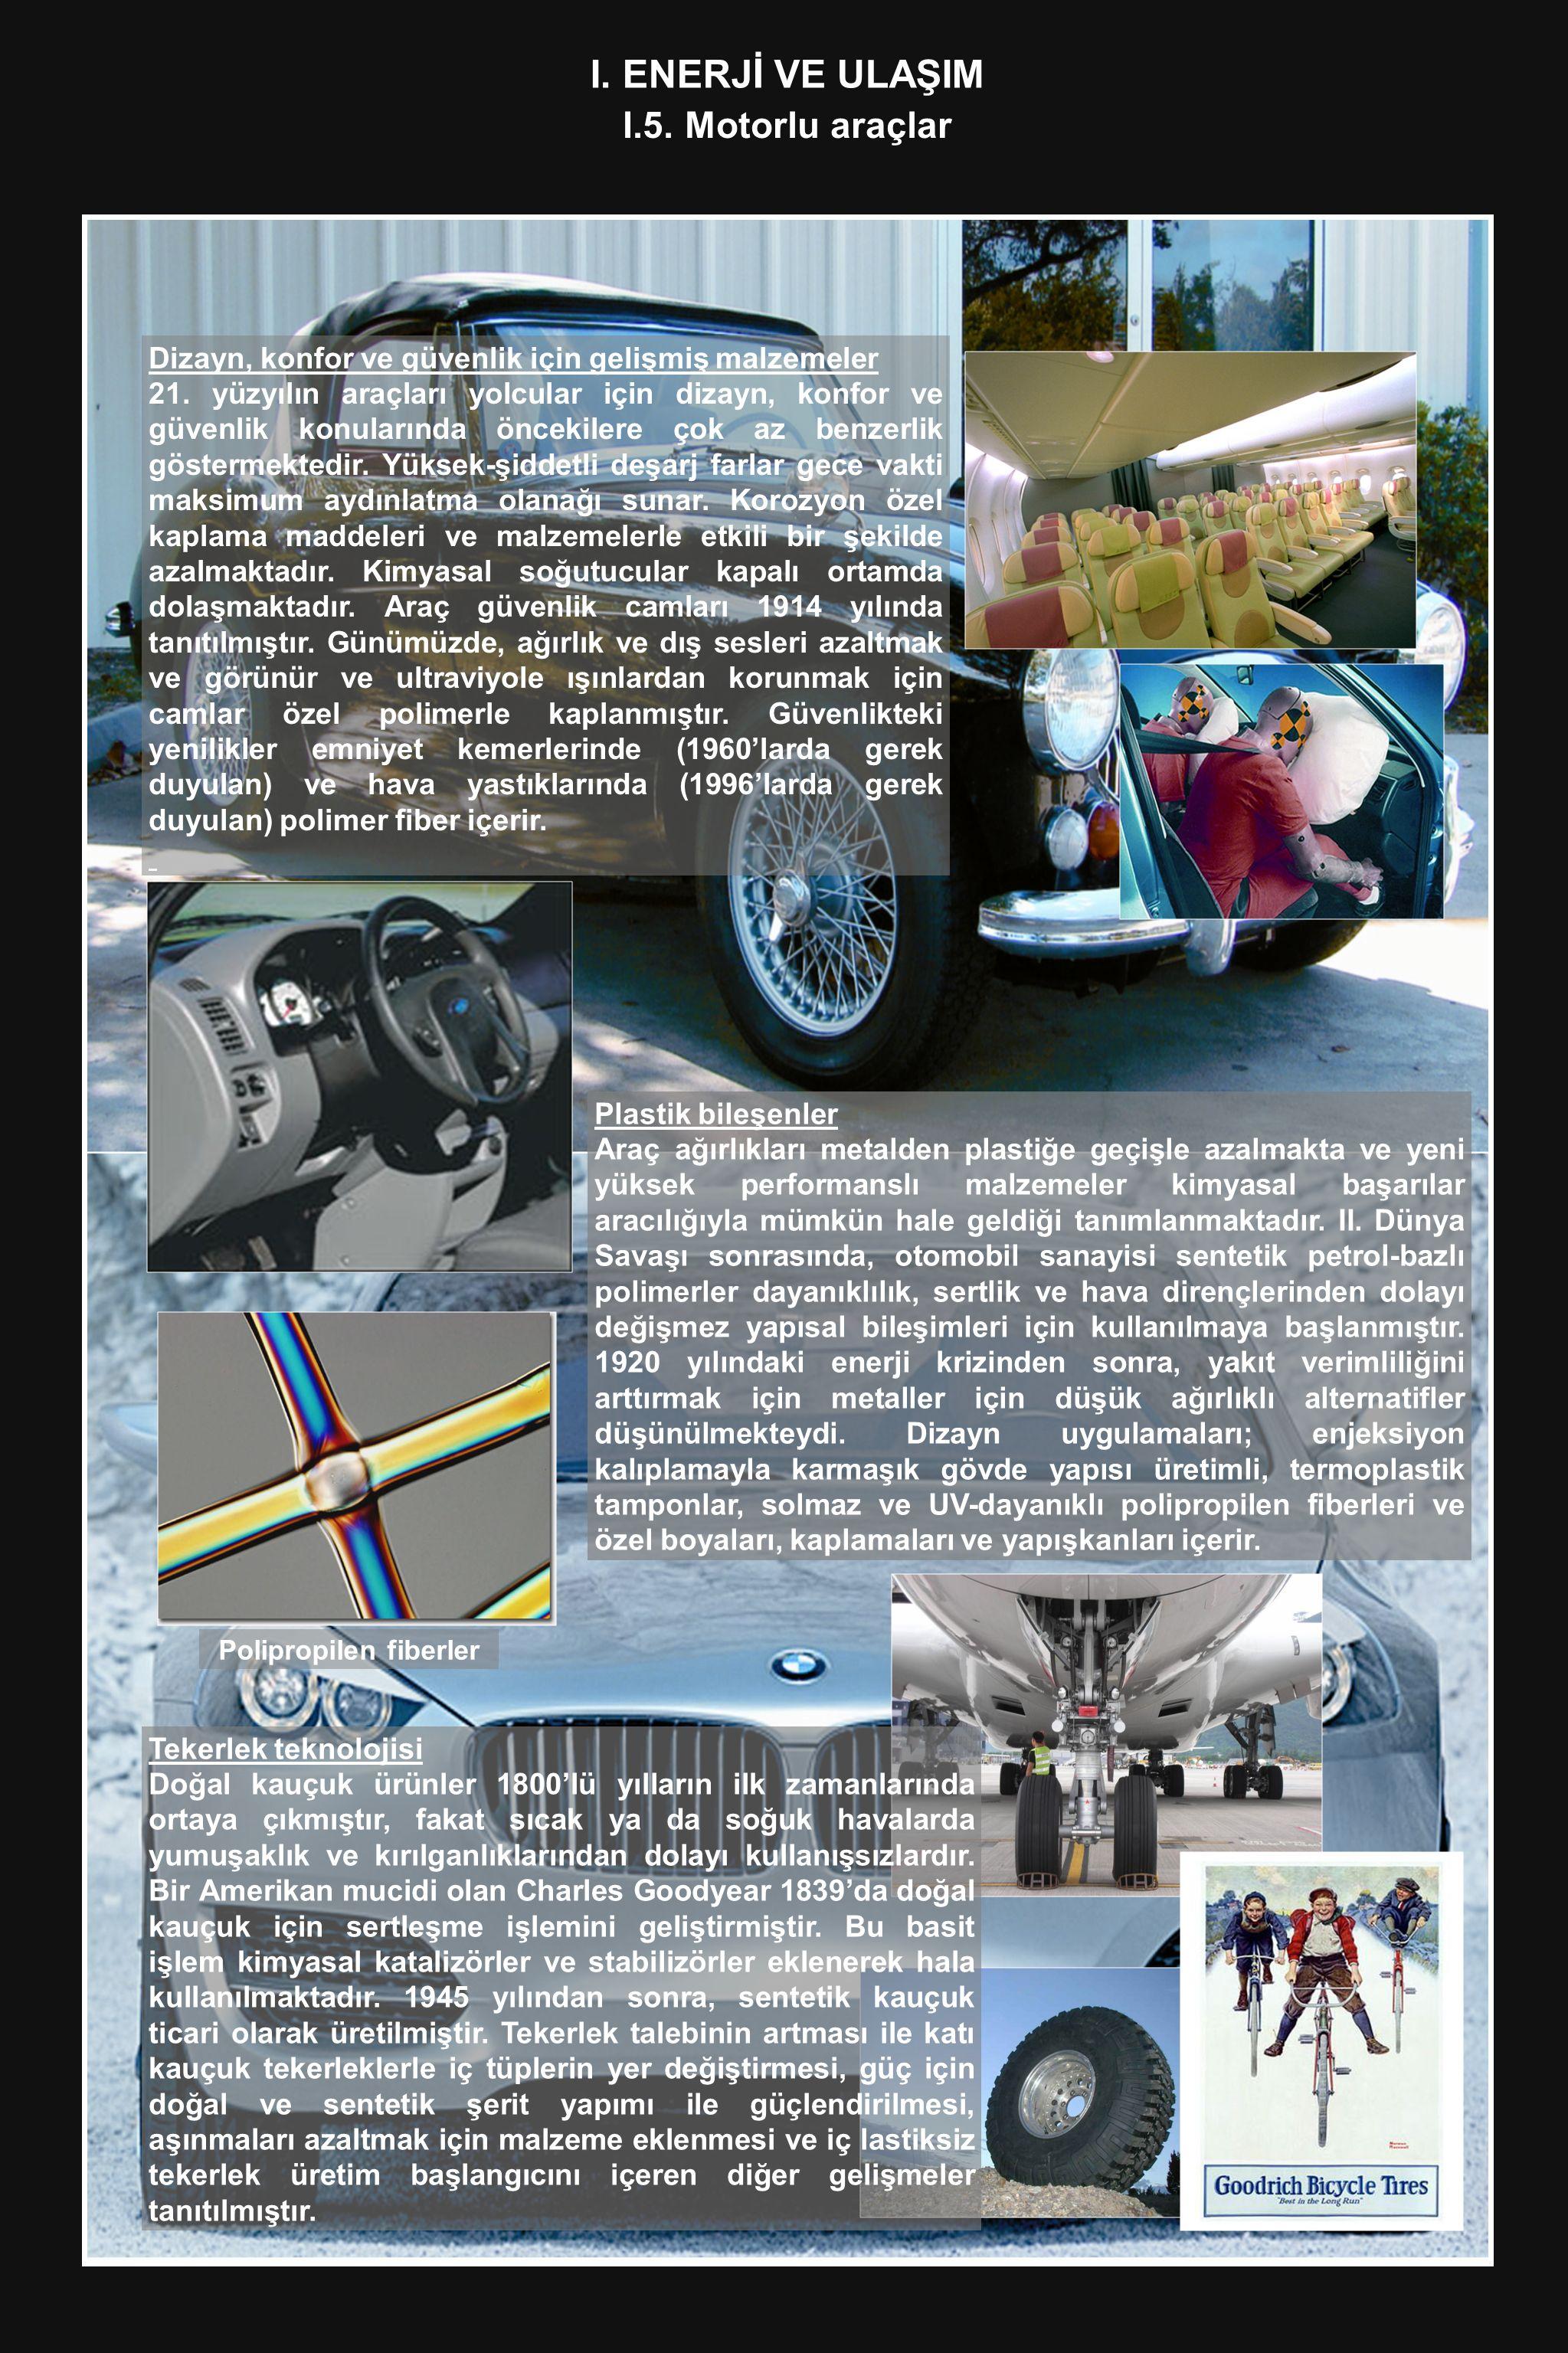 I. ENERJ İ VE ULAŞIM I.5. Motorlu araçlar Dizayn, konfor ve güvenlik için gelişmiş malzemeler 21. yüzyılın araçları yolcular için dizayn, konfor ve gü